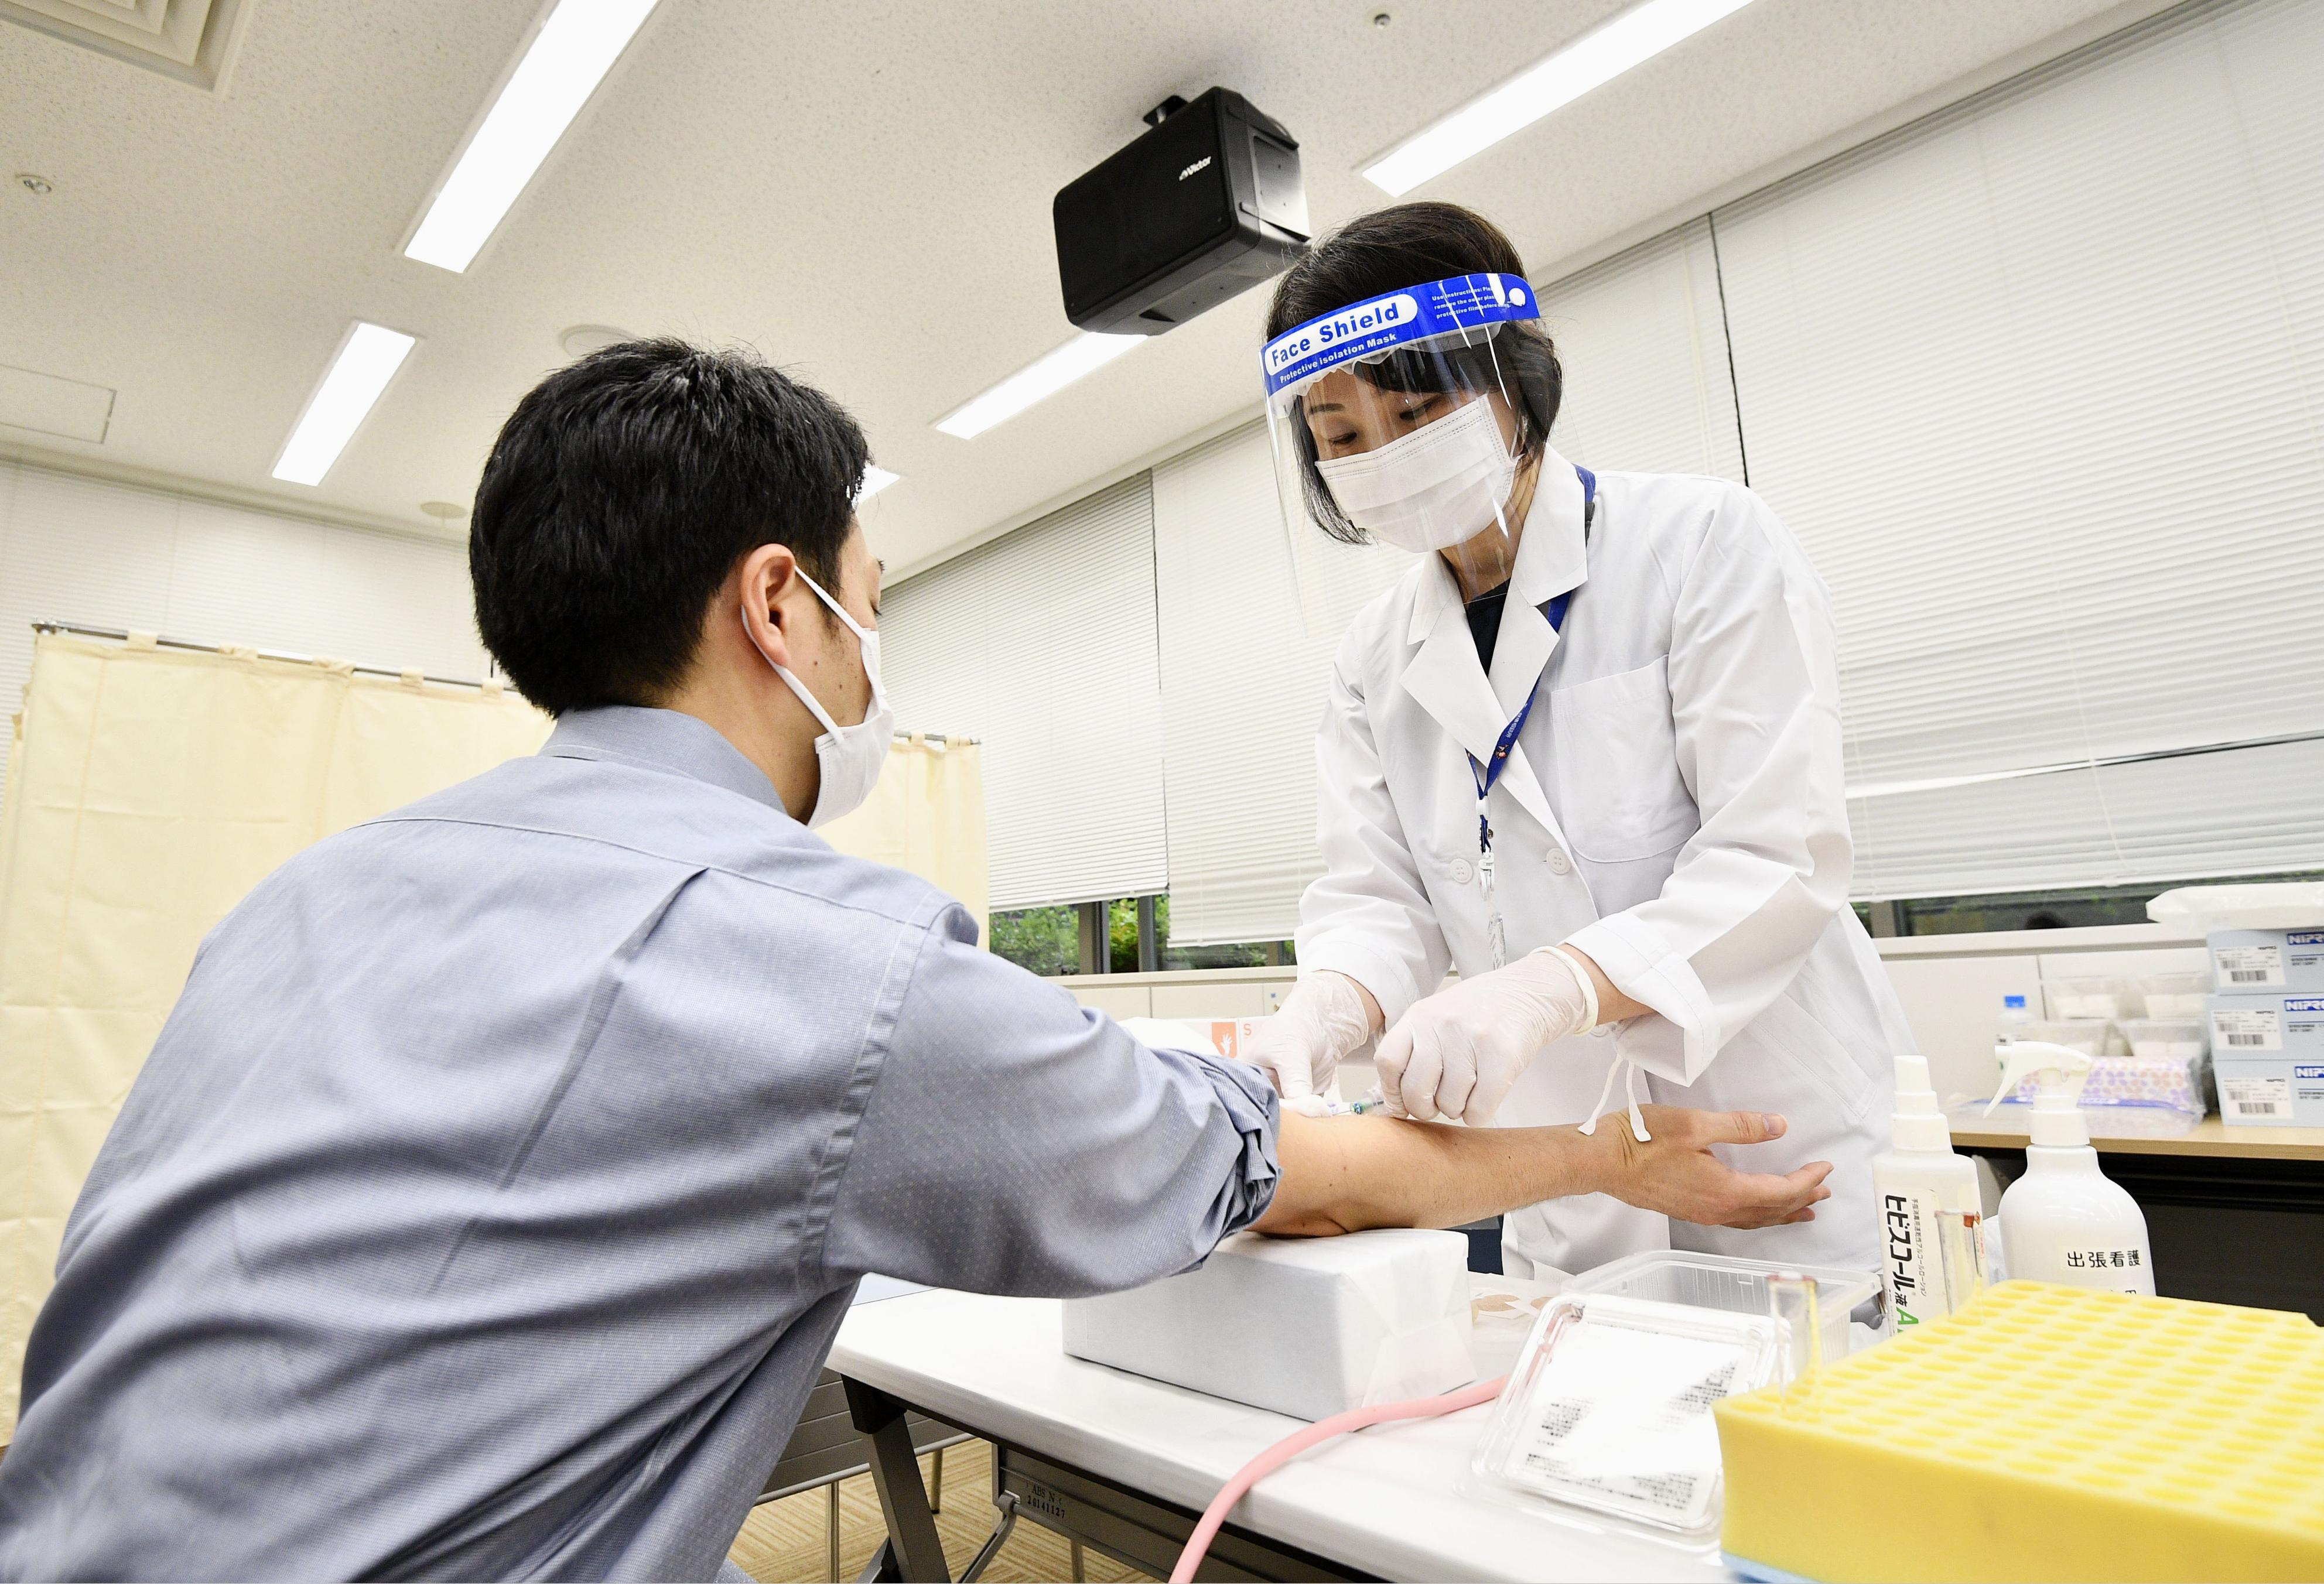 調査開始に先立ち、公開された新型コロナウイルスの大規模抗体調査のデモンストレーション=1日午前、東京都板橋区